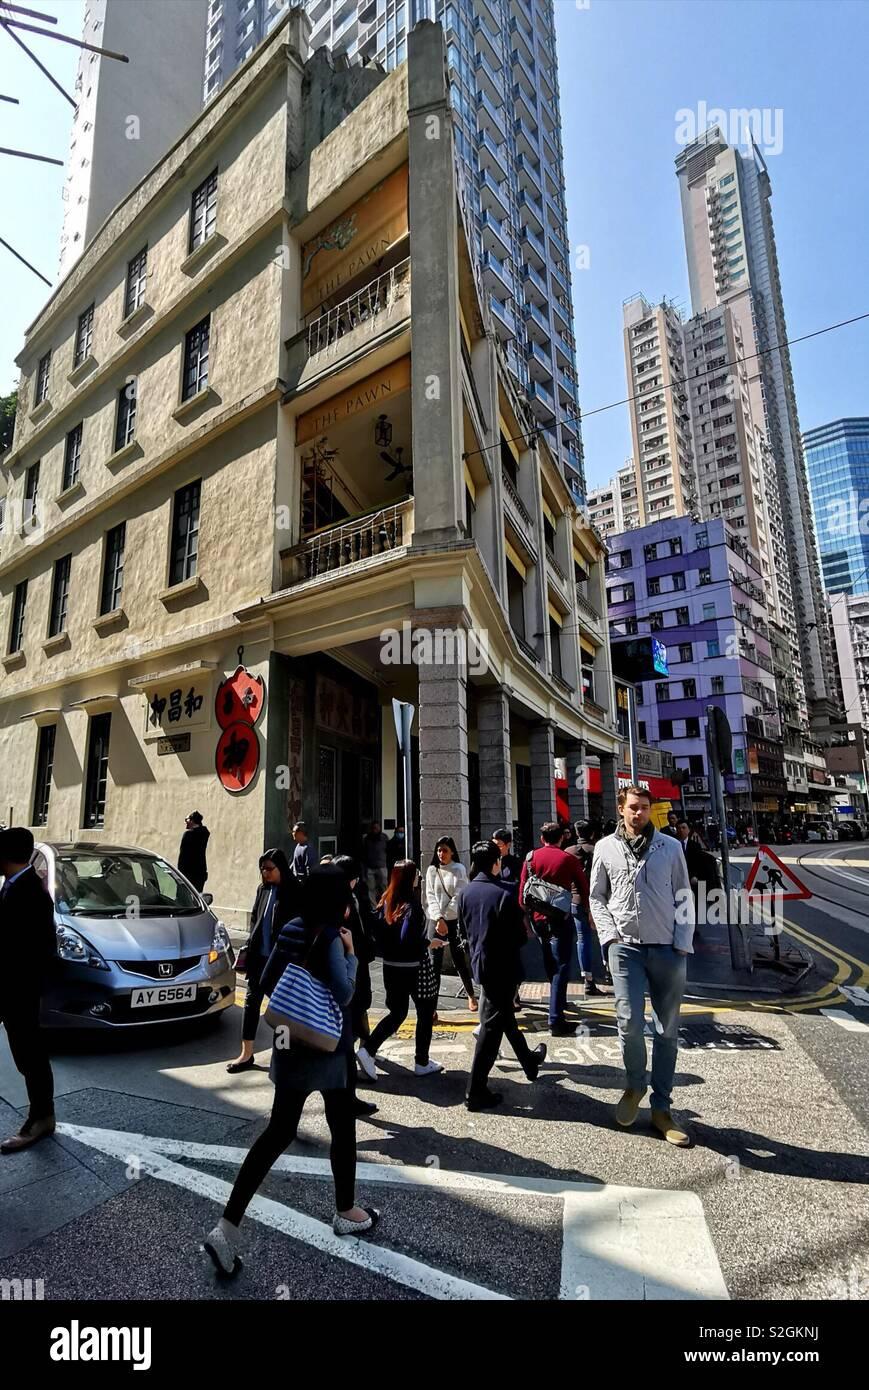 Cantó caminando sobre Johnston Street por un hermoso edificio antiguo en Wan Chai, Hong Kong. Foto de stock